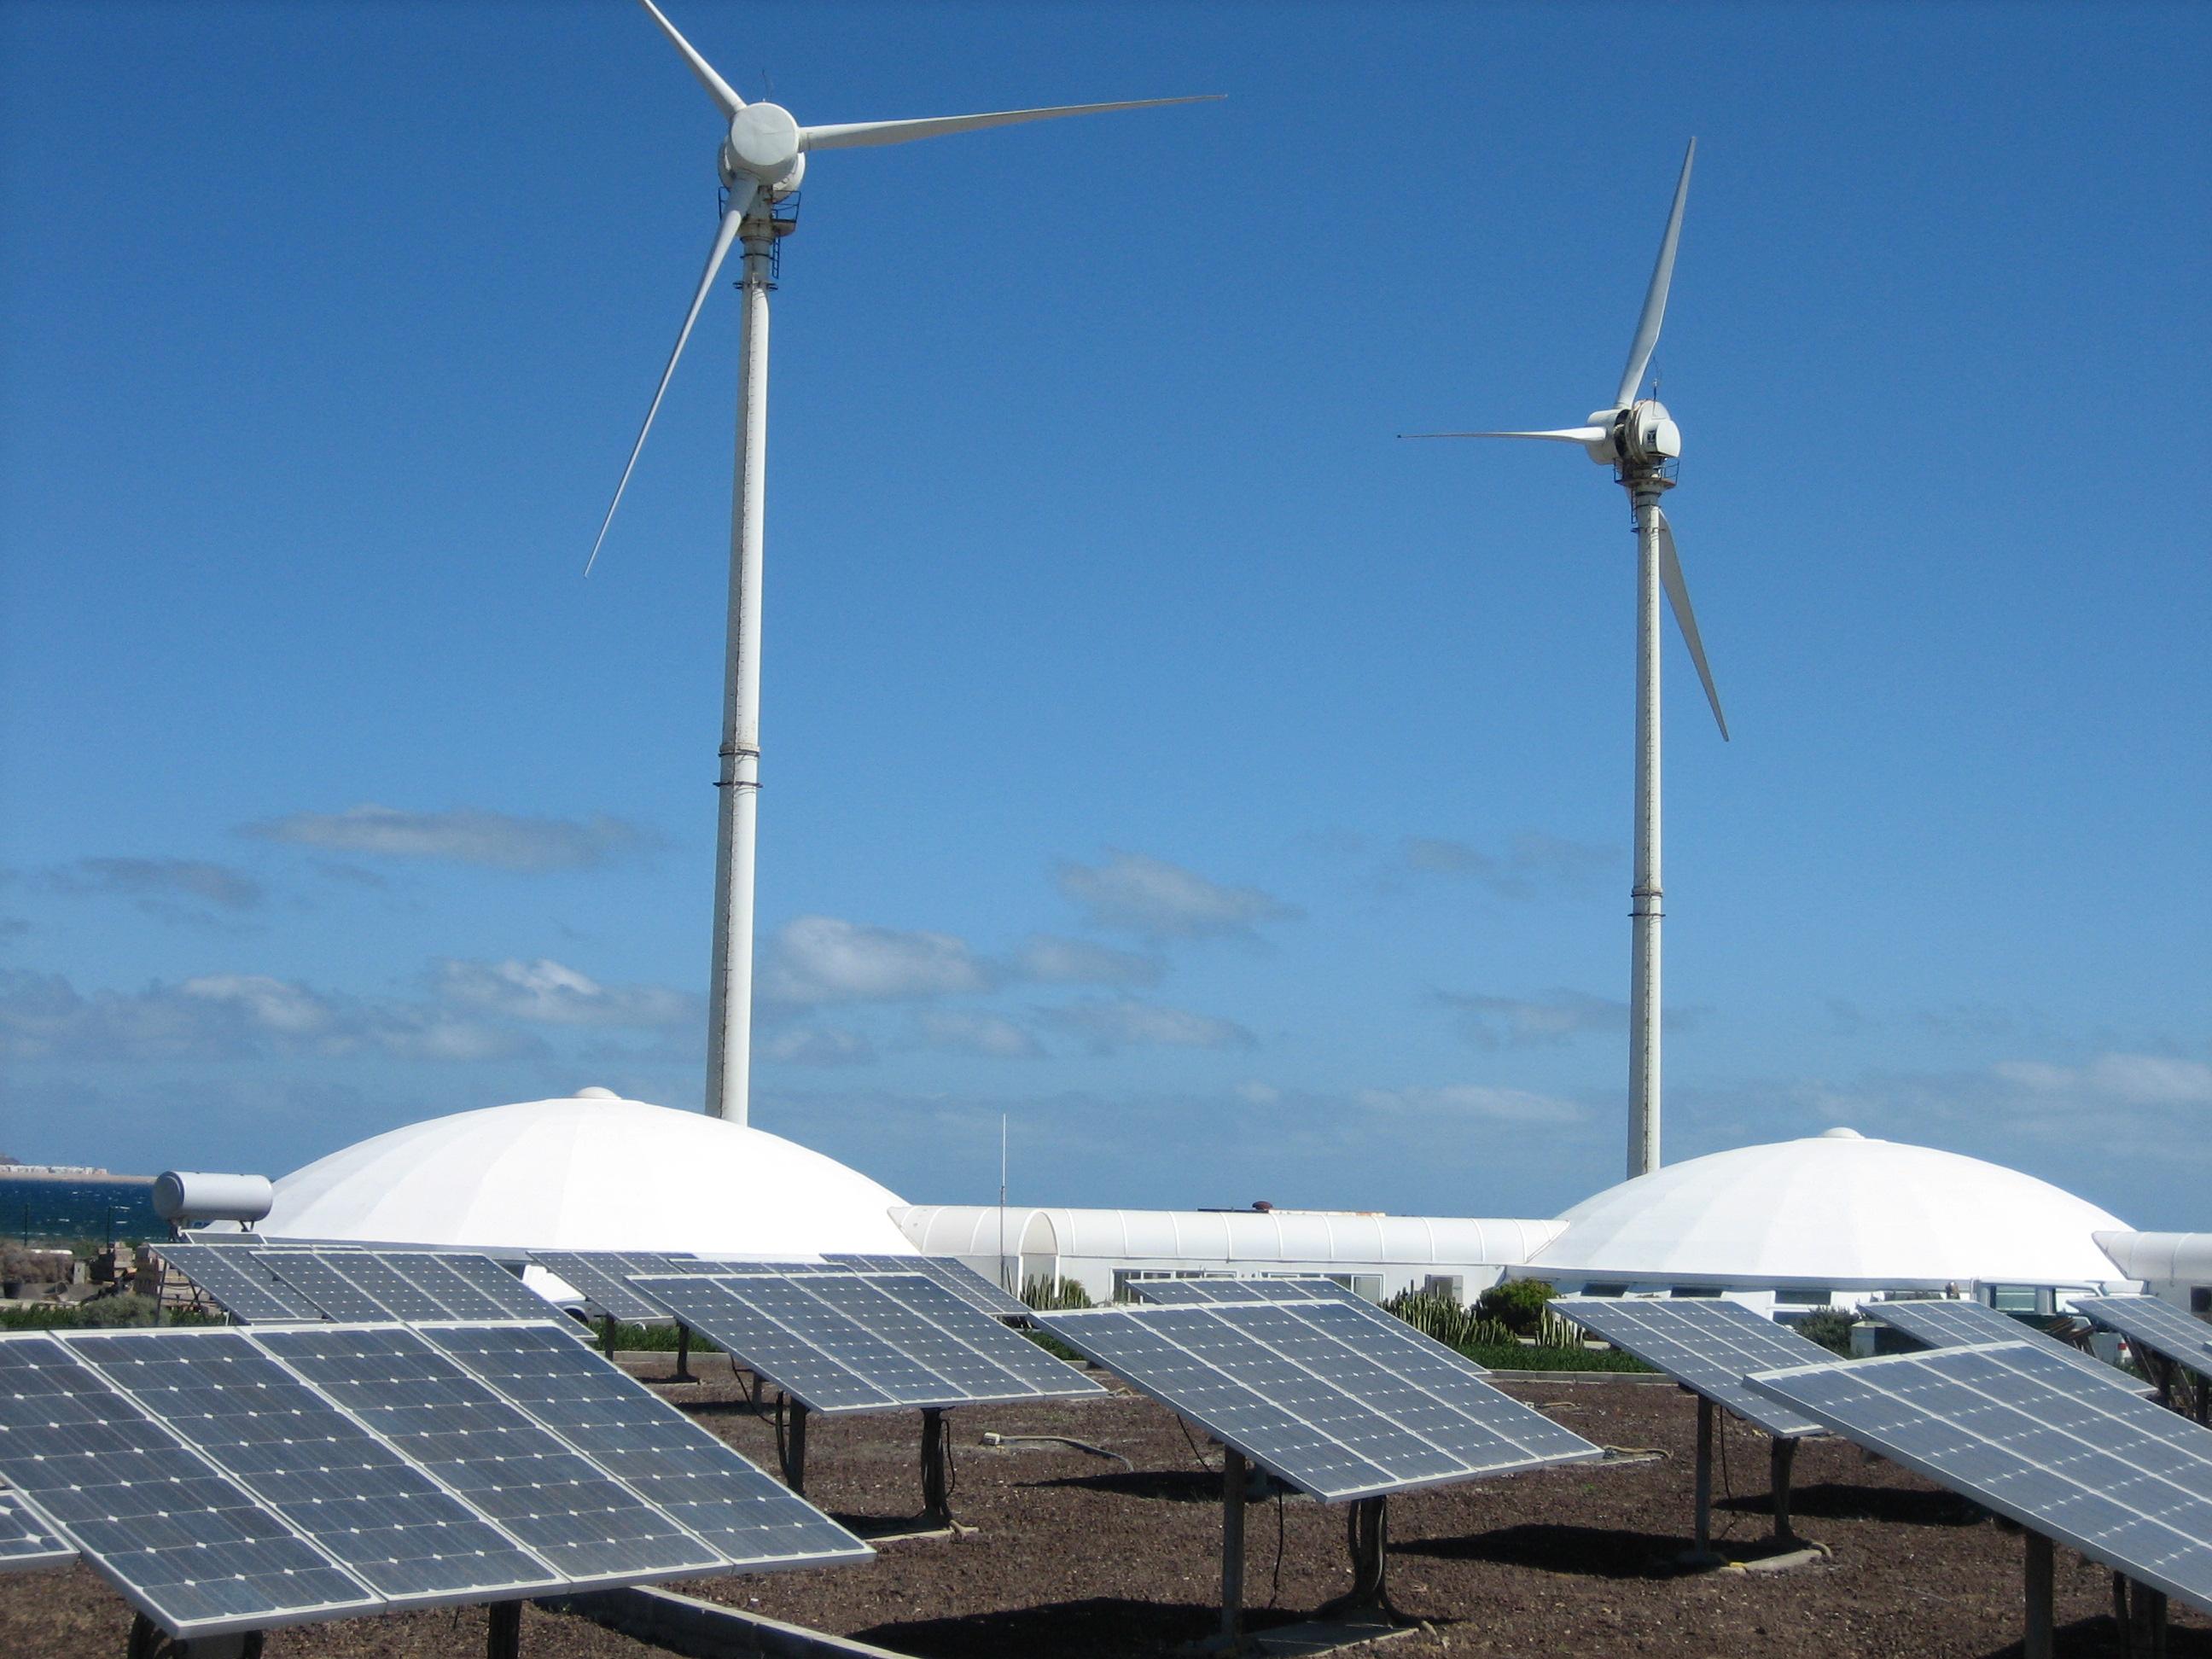 Energ as renovables en latinoam rica y el caribe reve - Fotos energias renovables ...